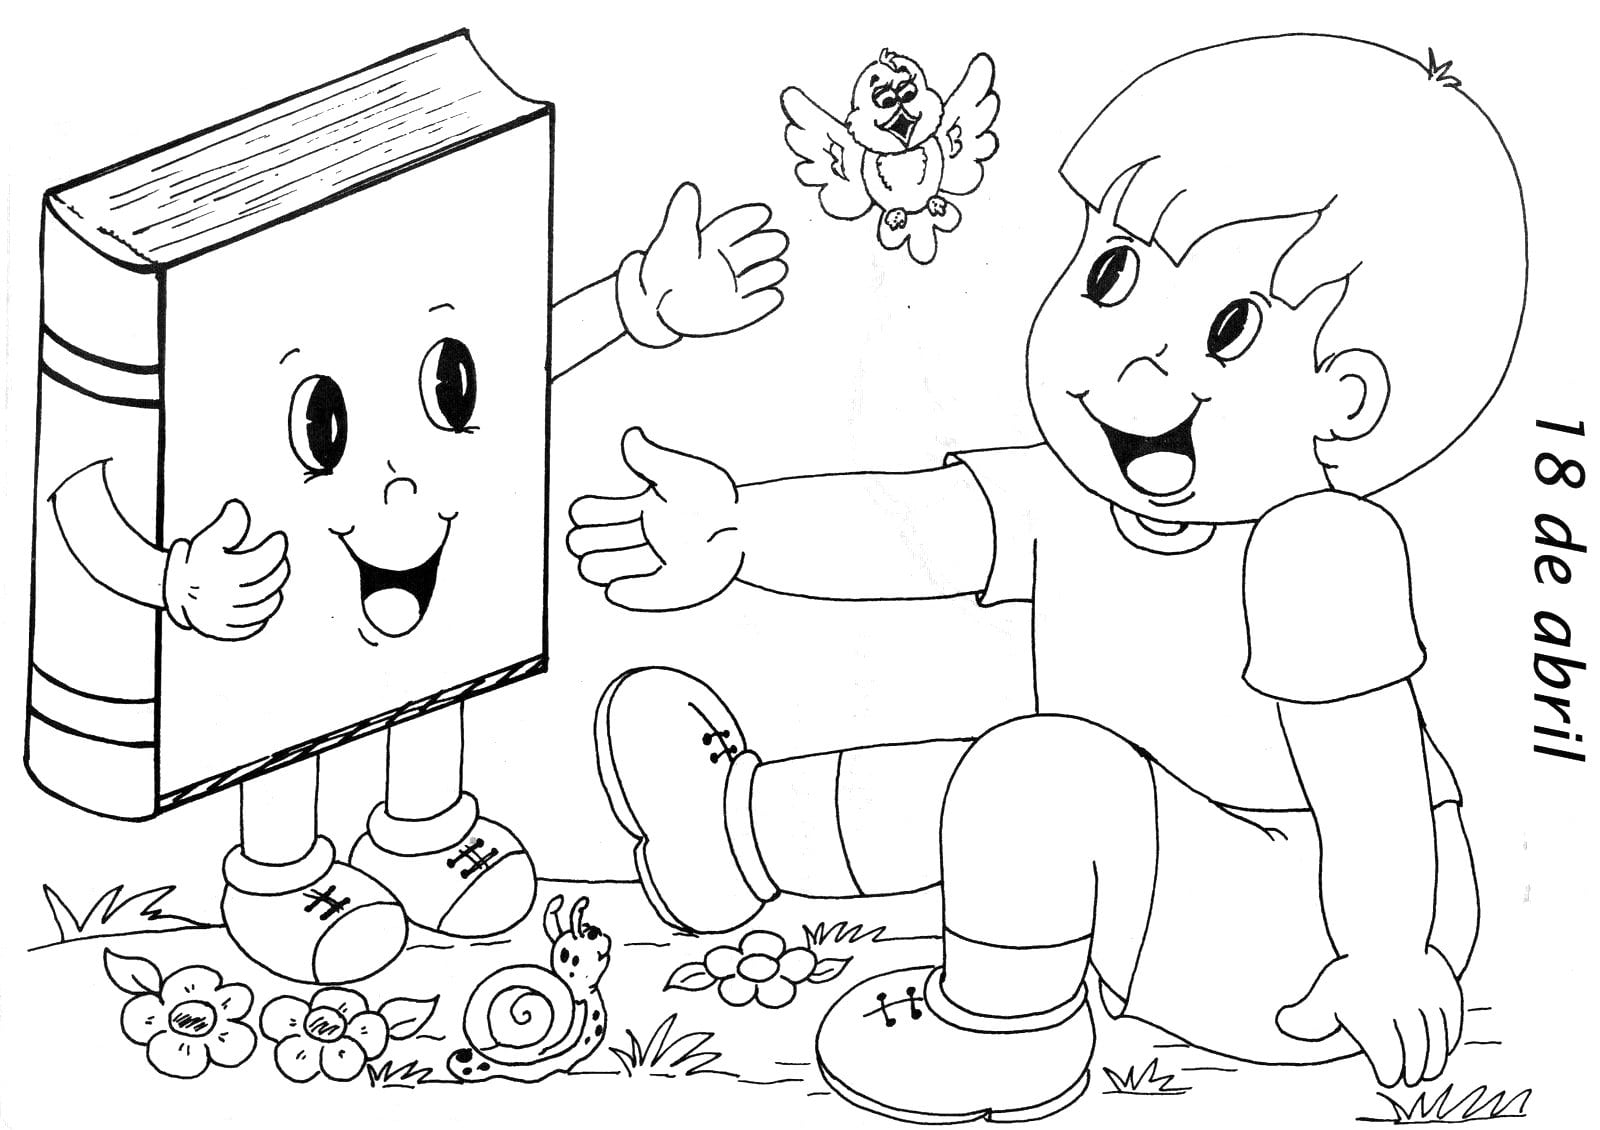 Desenho De Biblioteca Para Colorir: Dia Do Livro Para Colorir